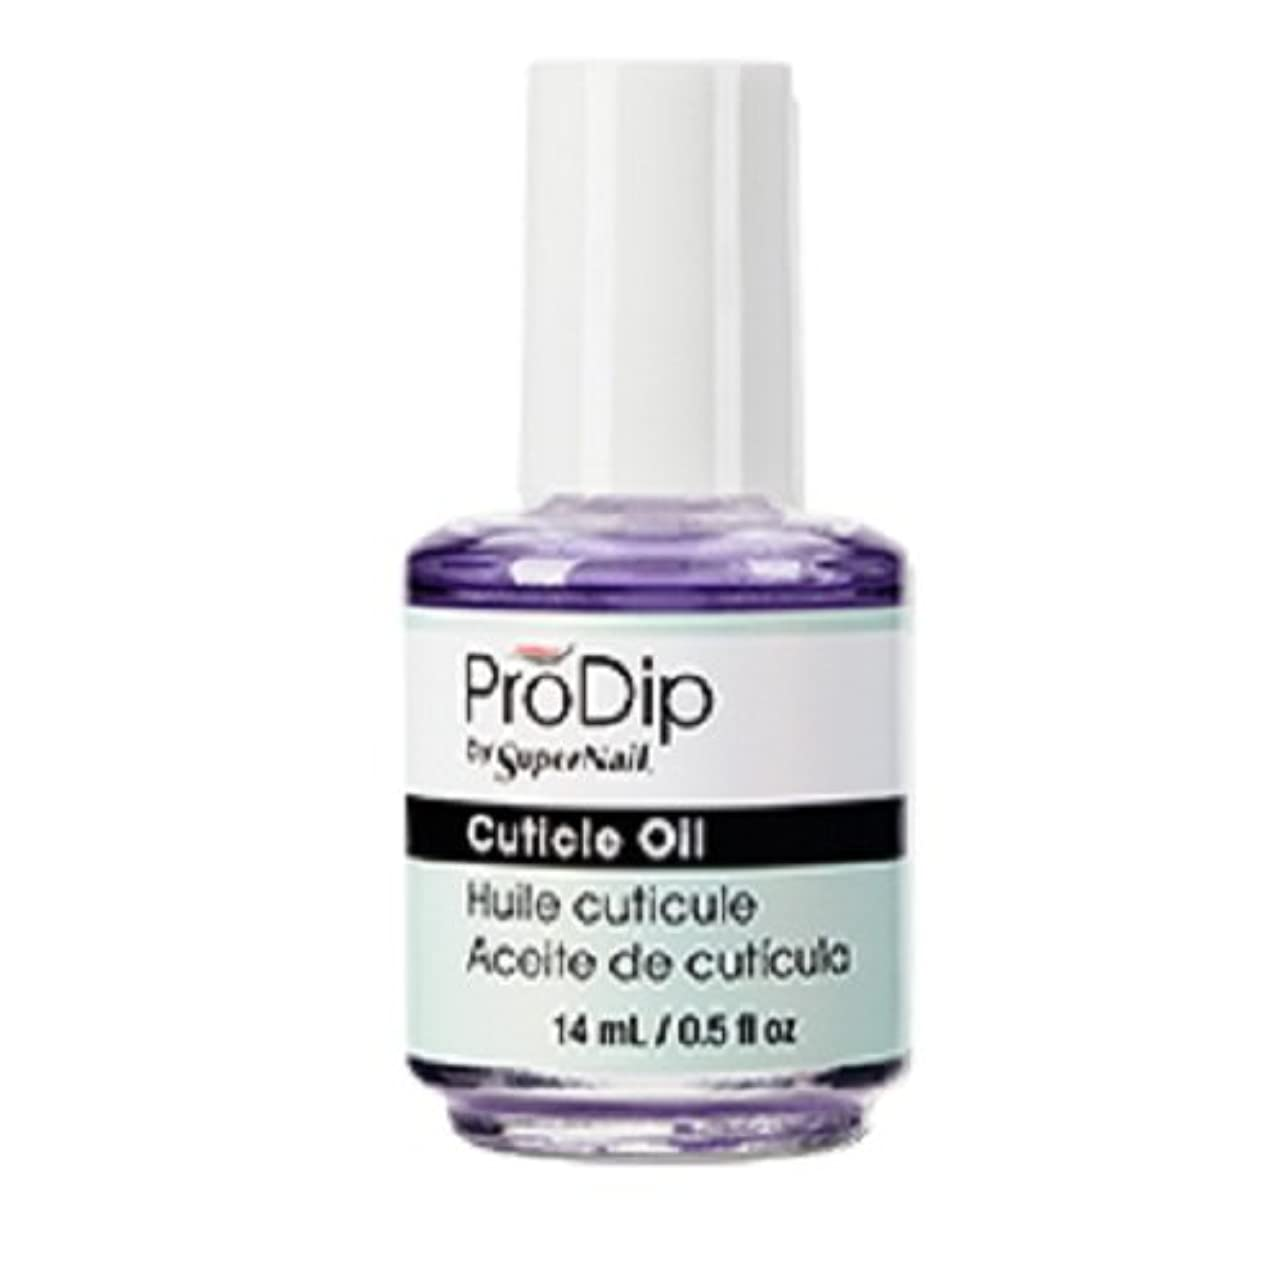 スポンサーフレア最愛のSuperNail ProDip - Cuticle Oil - 14 ml/0.5 oz